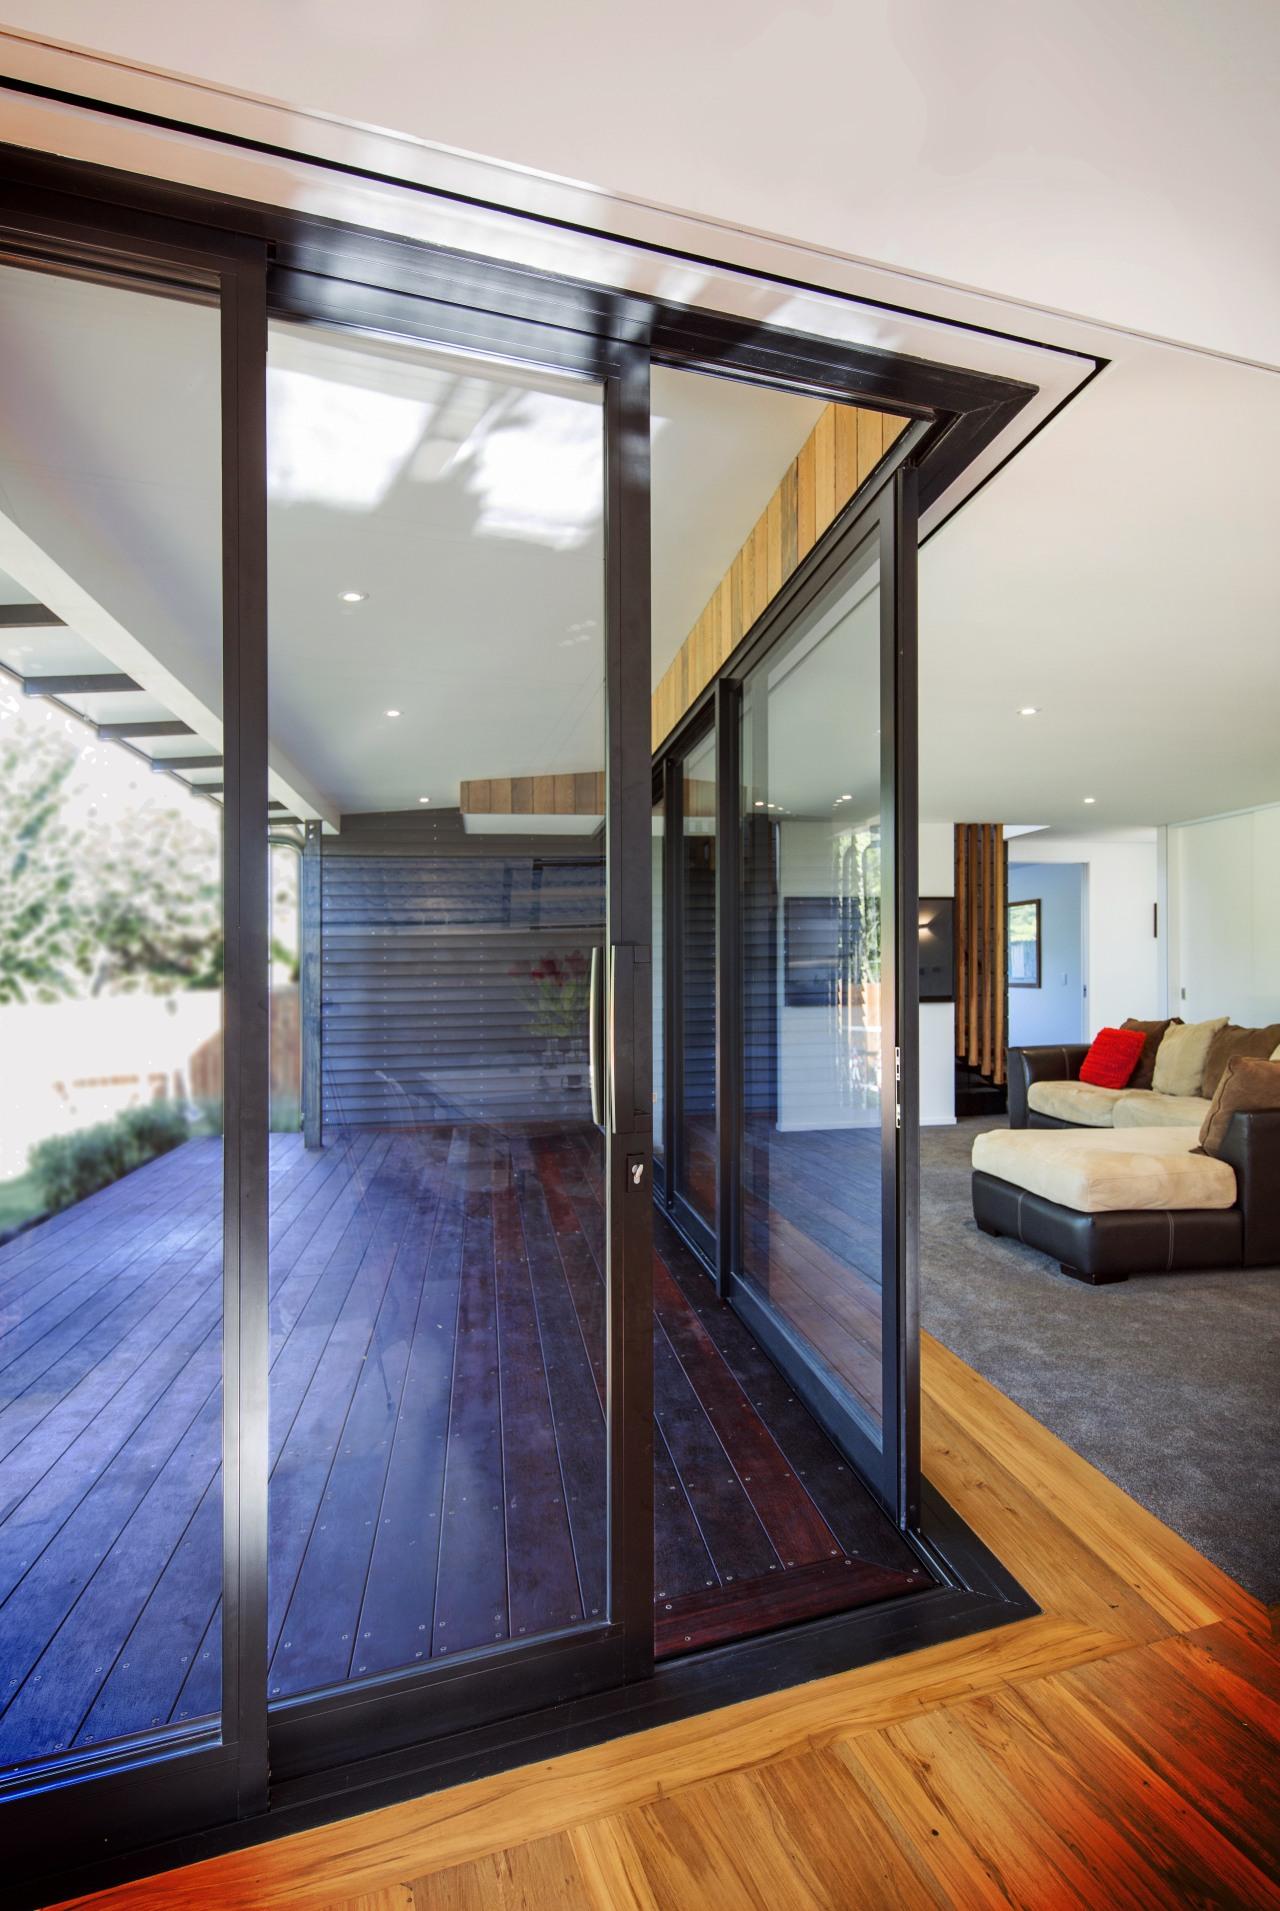 Windowmakers 7m stacking glass door is a feature architecture, daylighting, door, floor, flooring, glass, hardwood, house, interior design, real estate, window, wood, wood flooring, white